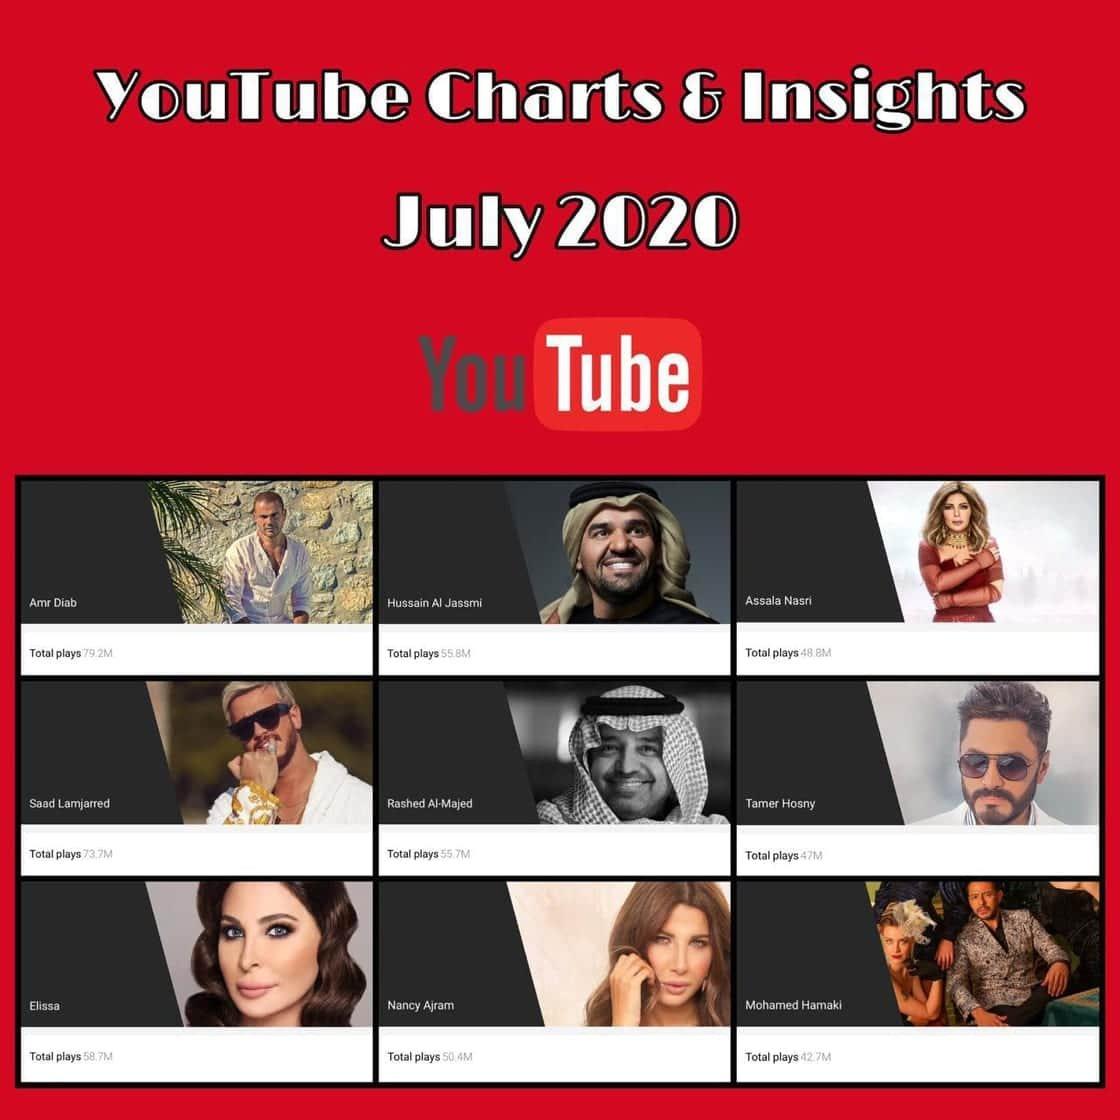 عمرو دياب الأعلى مشاهدة عبر اليوتيوب و8 نجوم في القائمة